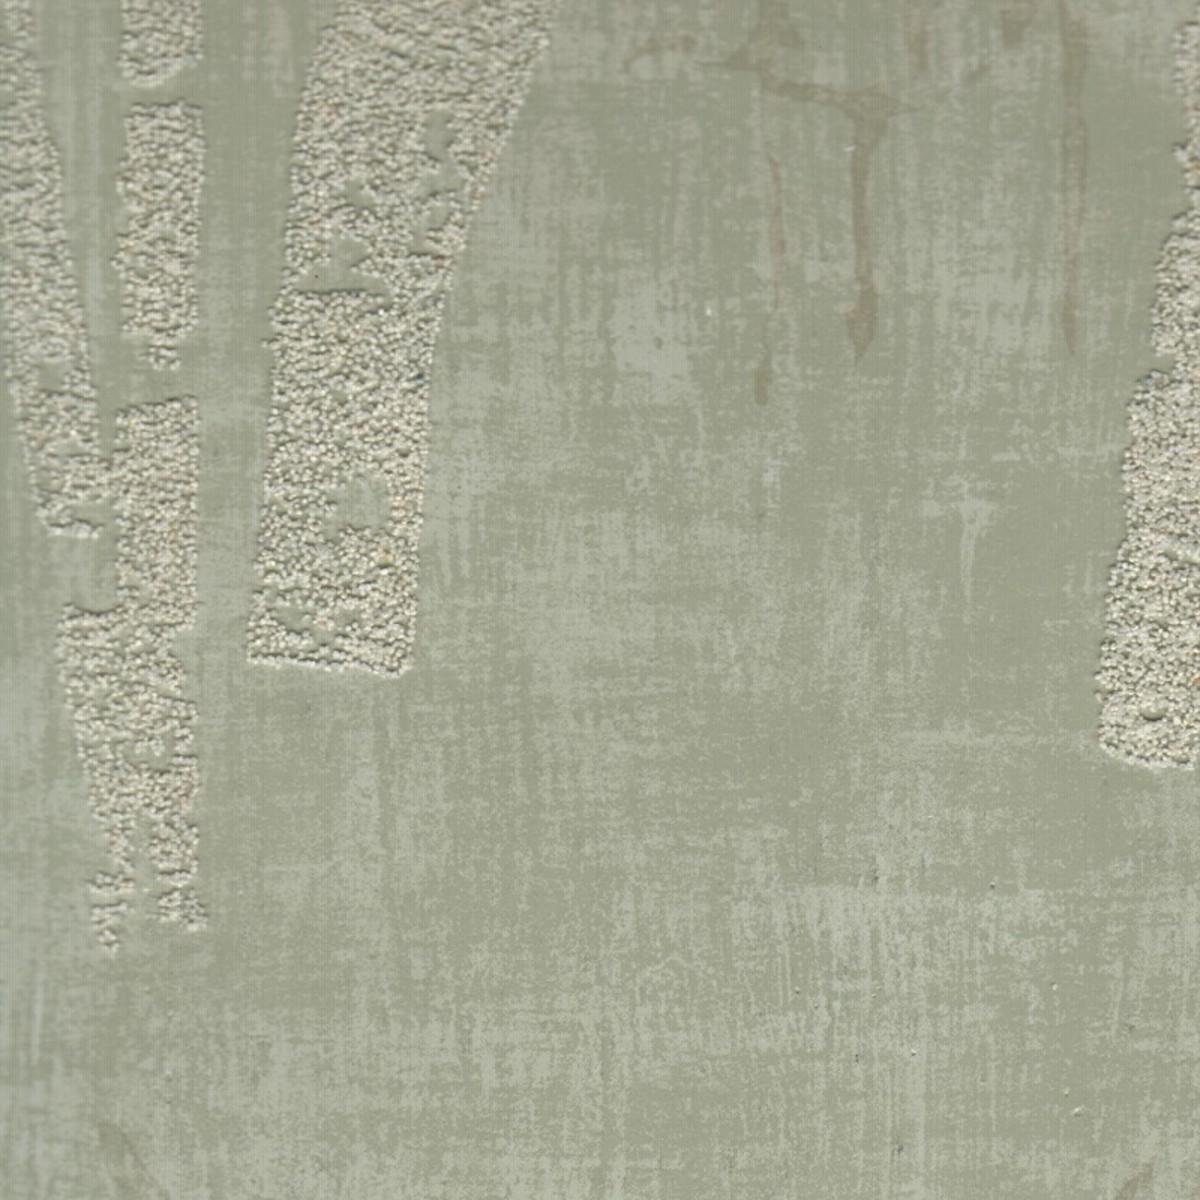 Виниловые обои York Wallcoverings зеленые OP0452 0.68 м